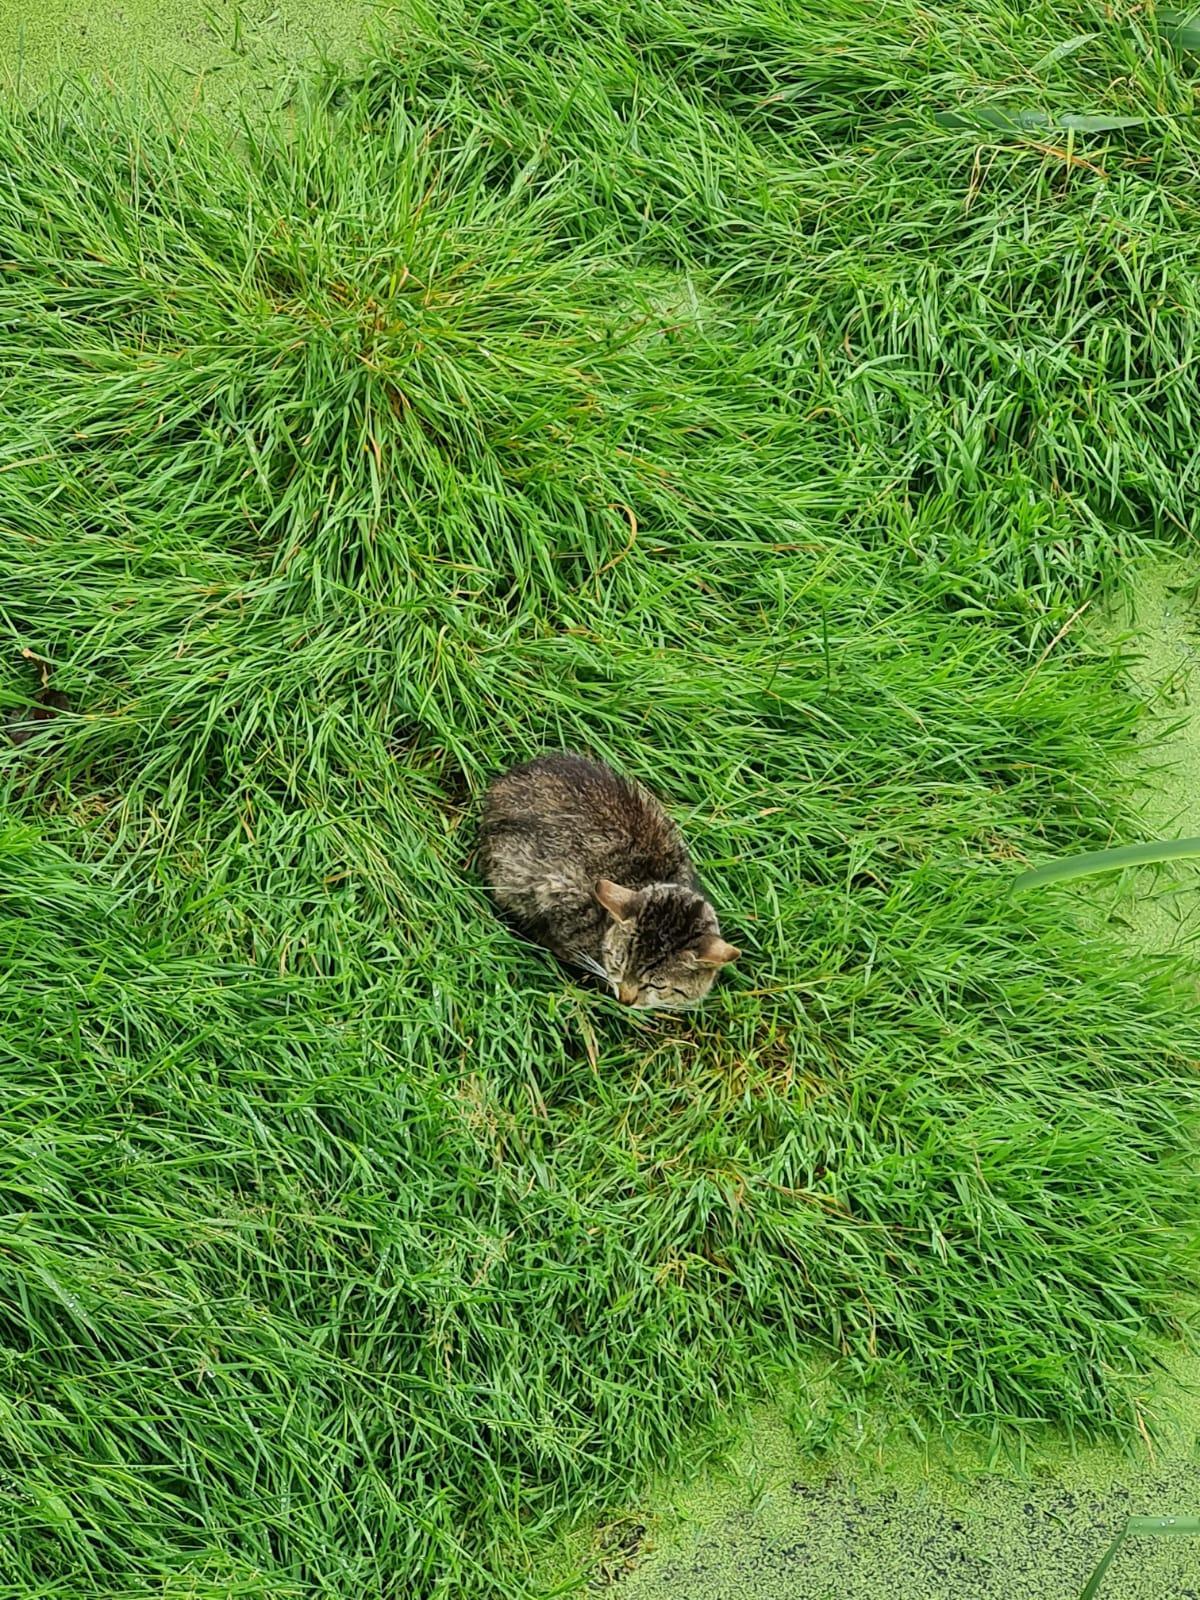 Kleintierrettung, Katze in Güllegrube 02.07.2021